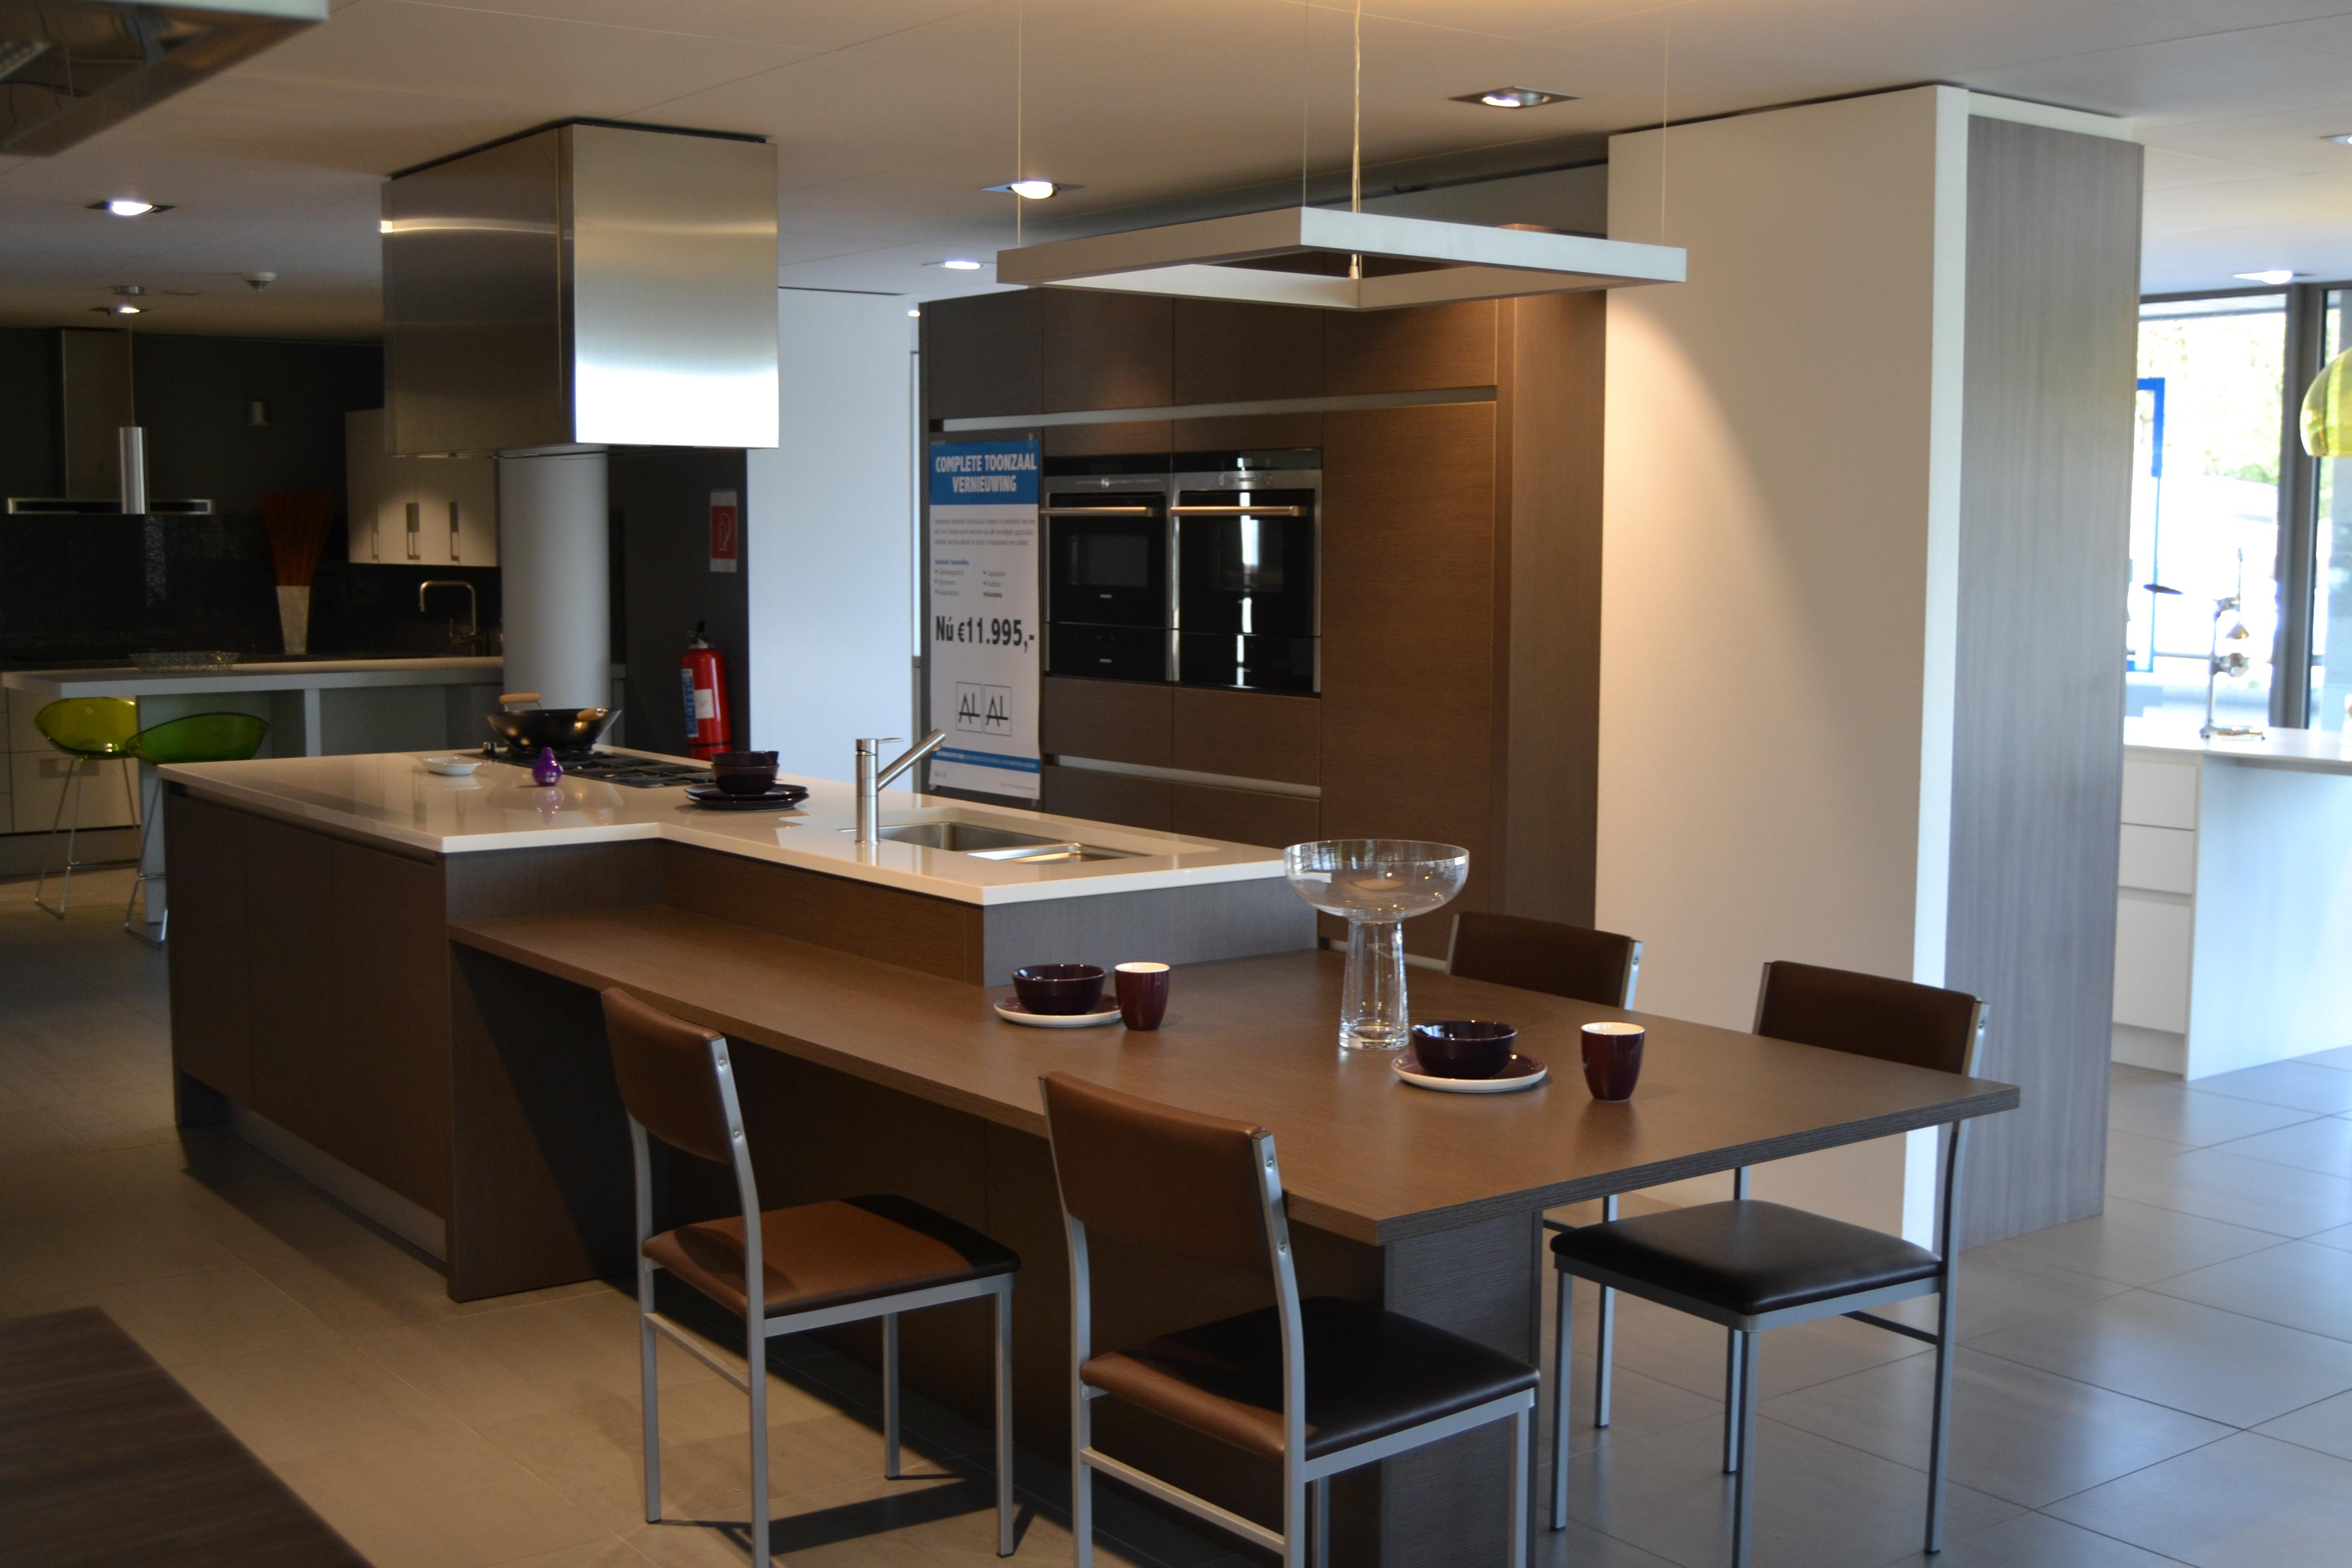 Dsm Keukens Lochristi : Home Keukens Toonzalen Realisaties Ons Bedrijf Trends Dsm